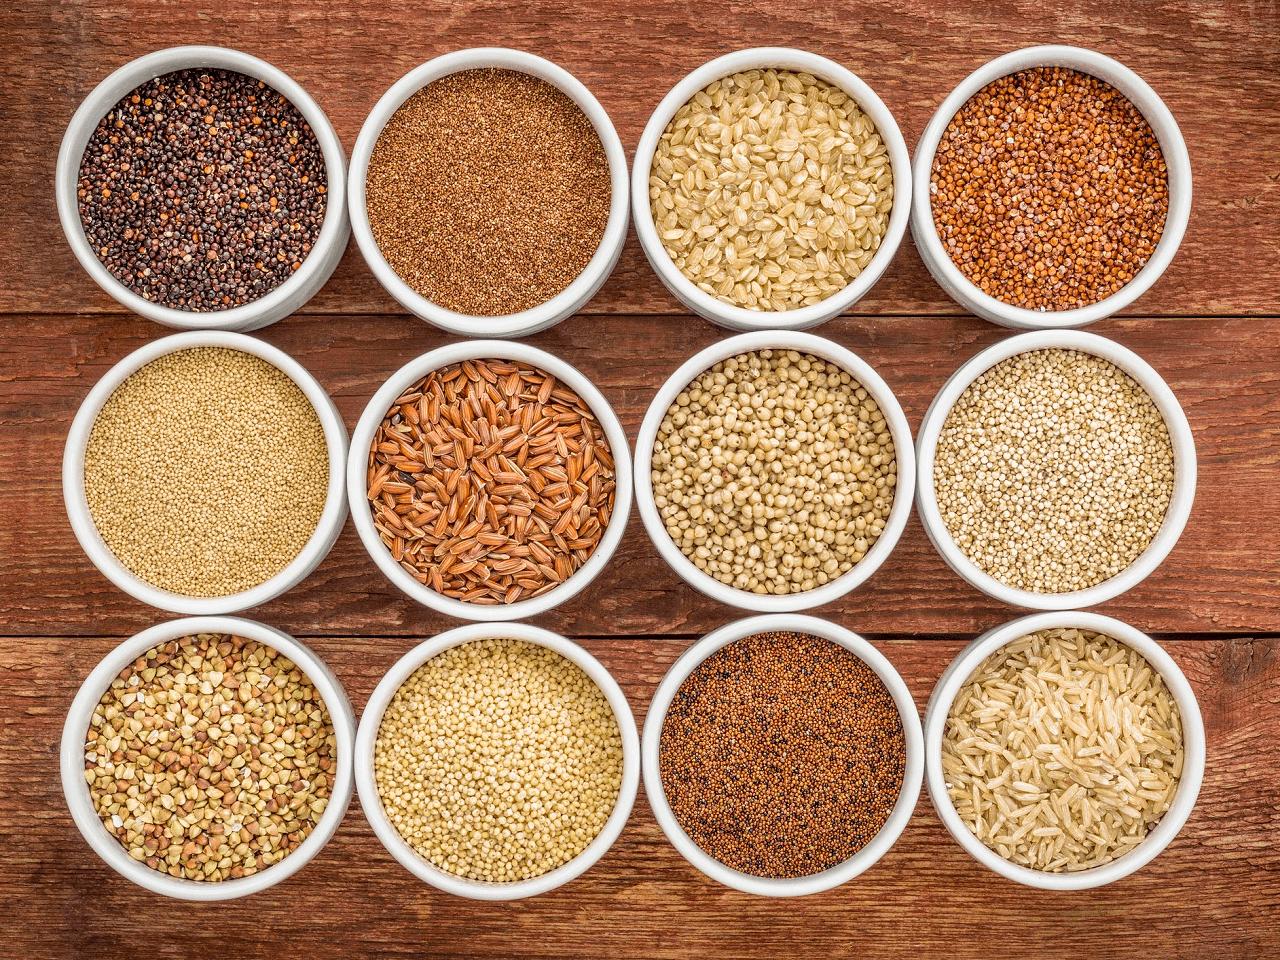 Rusya, Buğday ve Mısır İhracatına Uyguladığı Vergileri Yeniden Artırıyor